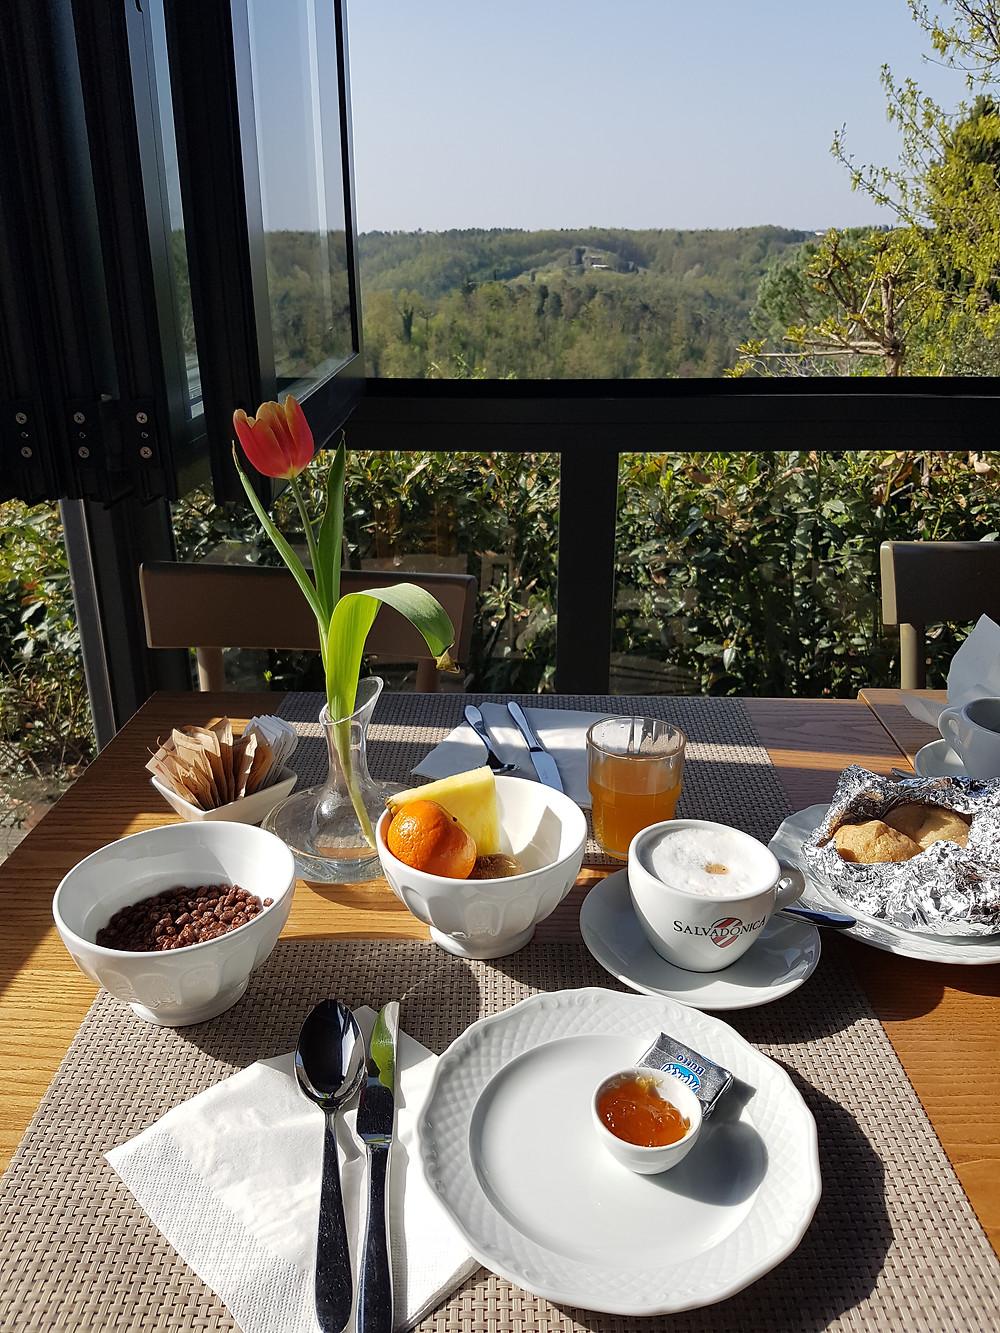 Frühstück mit Aussicht - Hotel Salvadonica